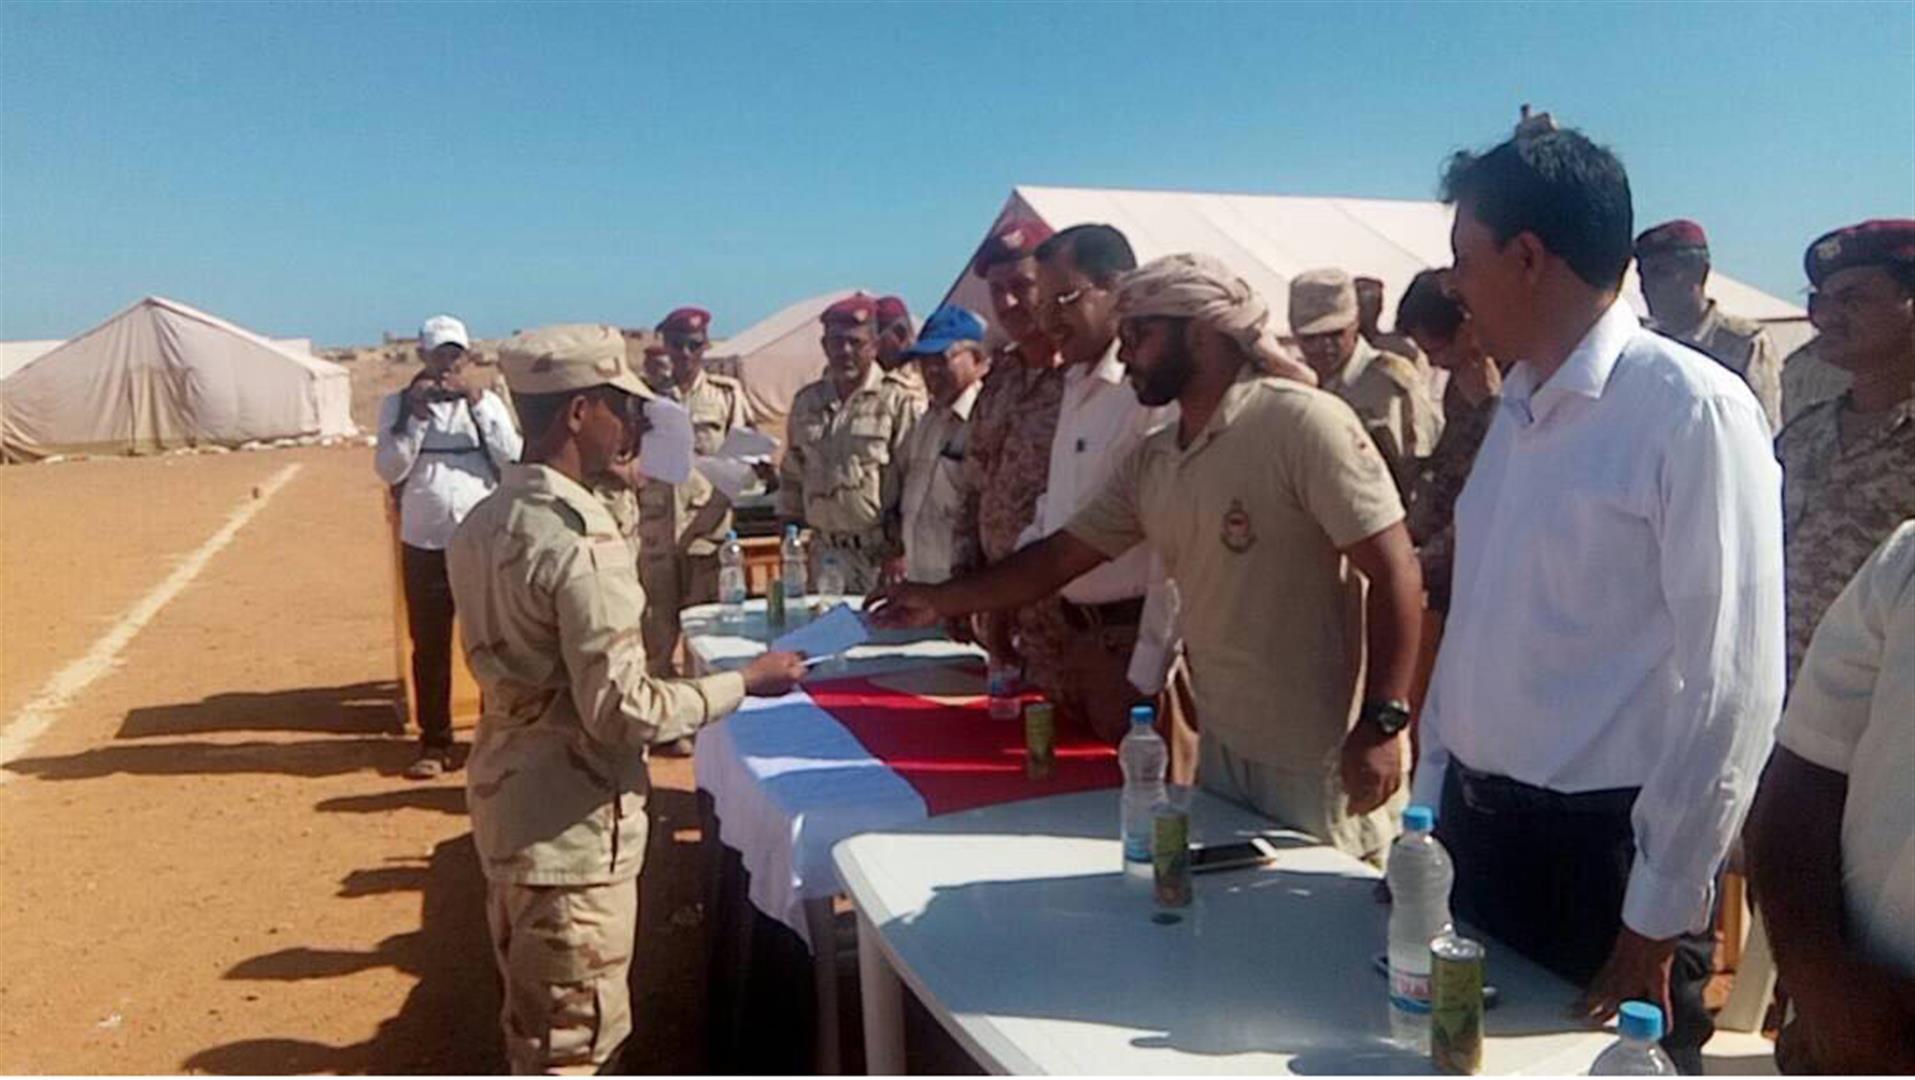 الاحتفال بتخريج دورة عسكرية في جزيرة سوقطرى اليمنية تحت إشراف وتدريب دولة الامارات . 4